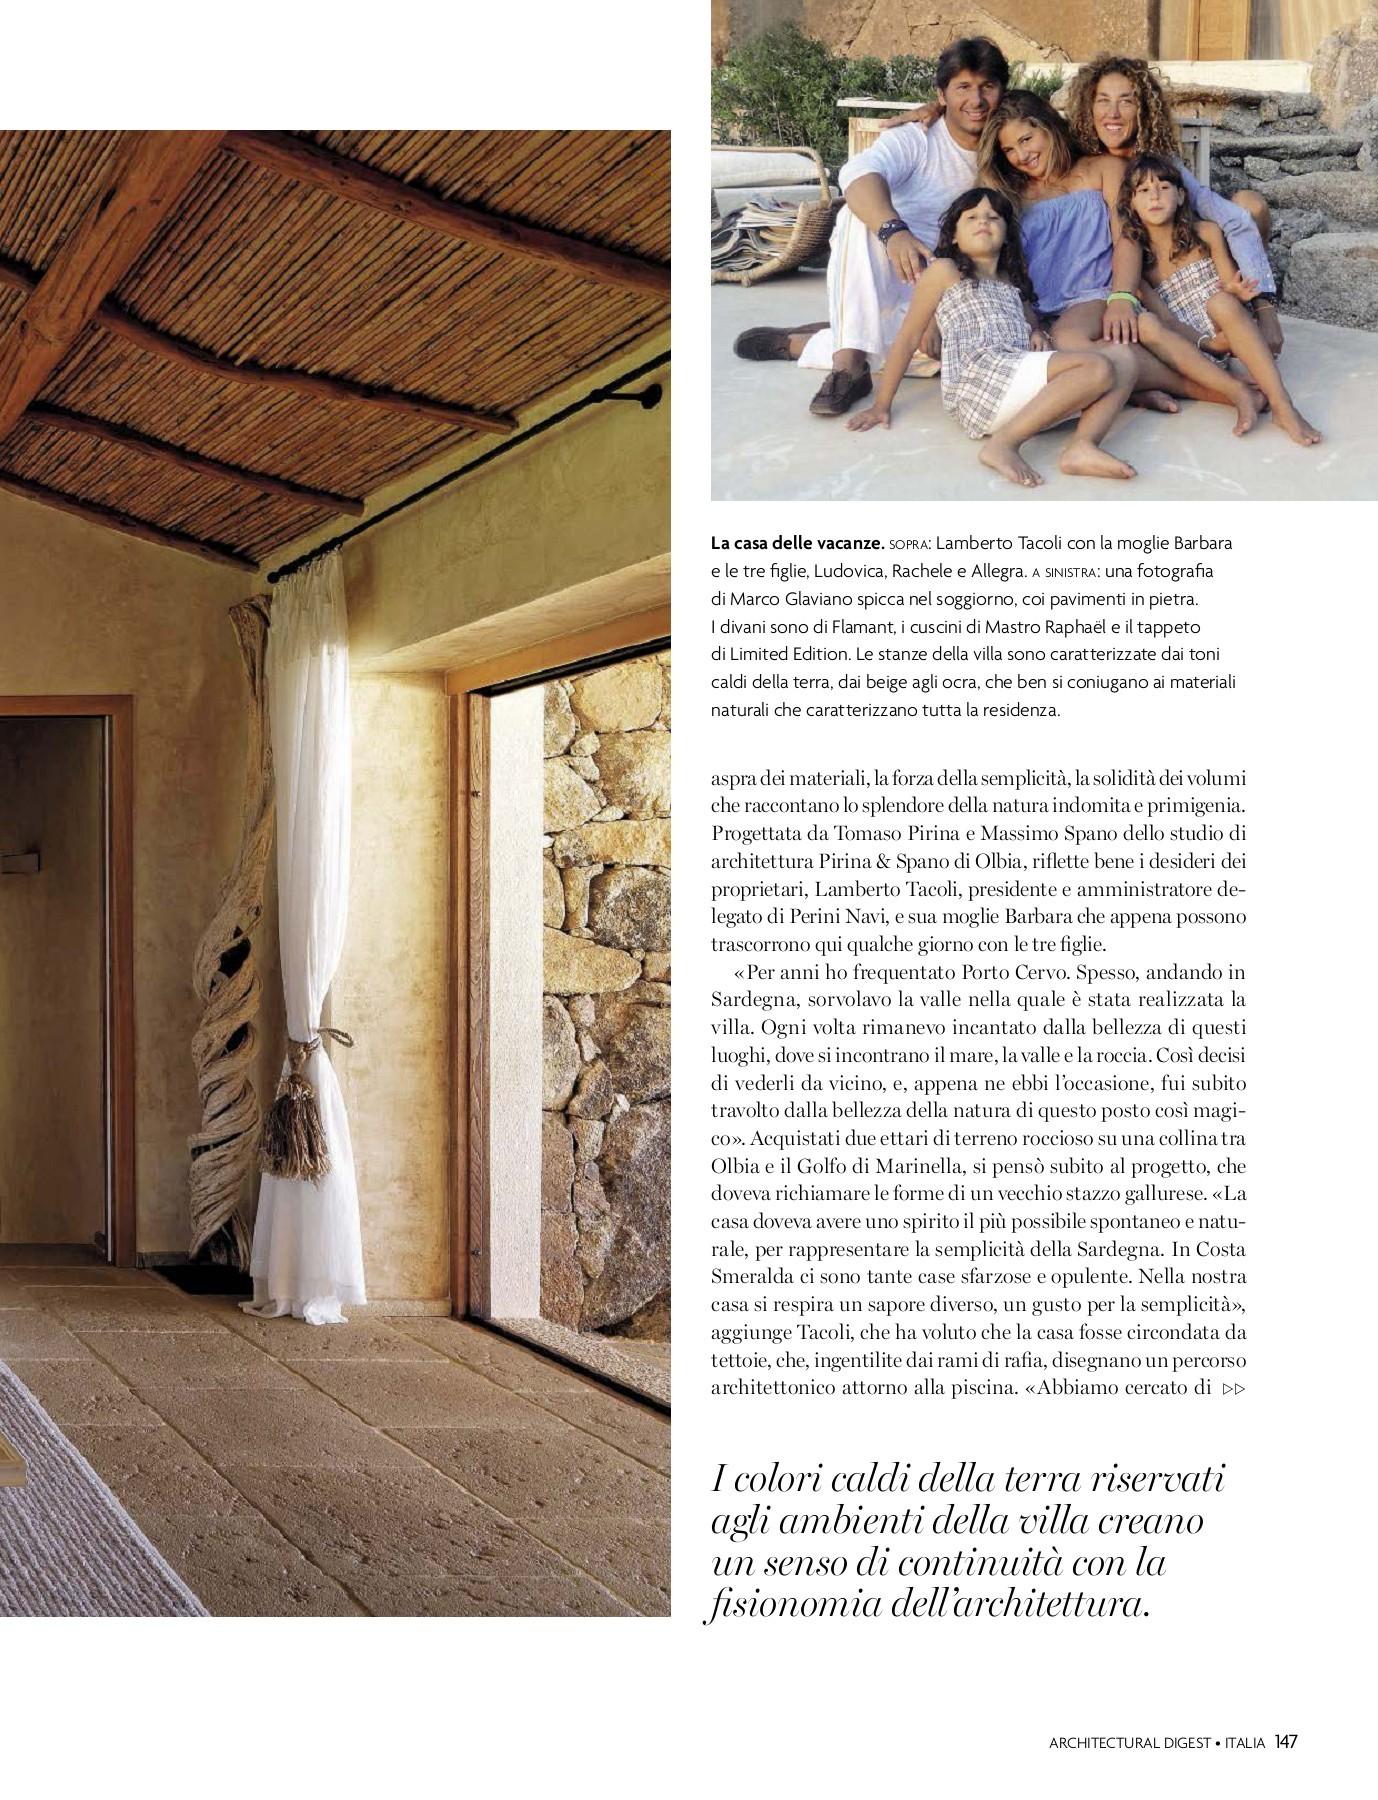 Tappezzeria Trompe L Oeil ad architectural digest italia settembre 2018-flip book